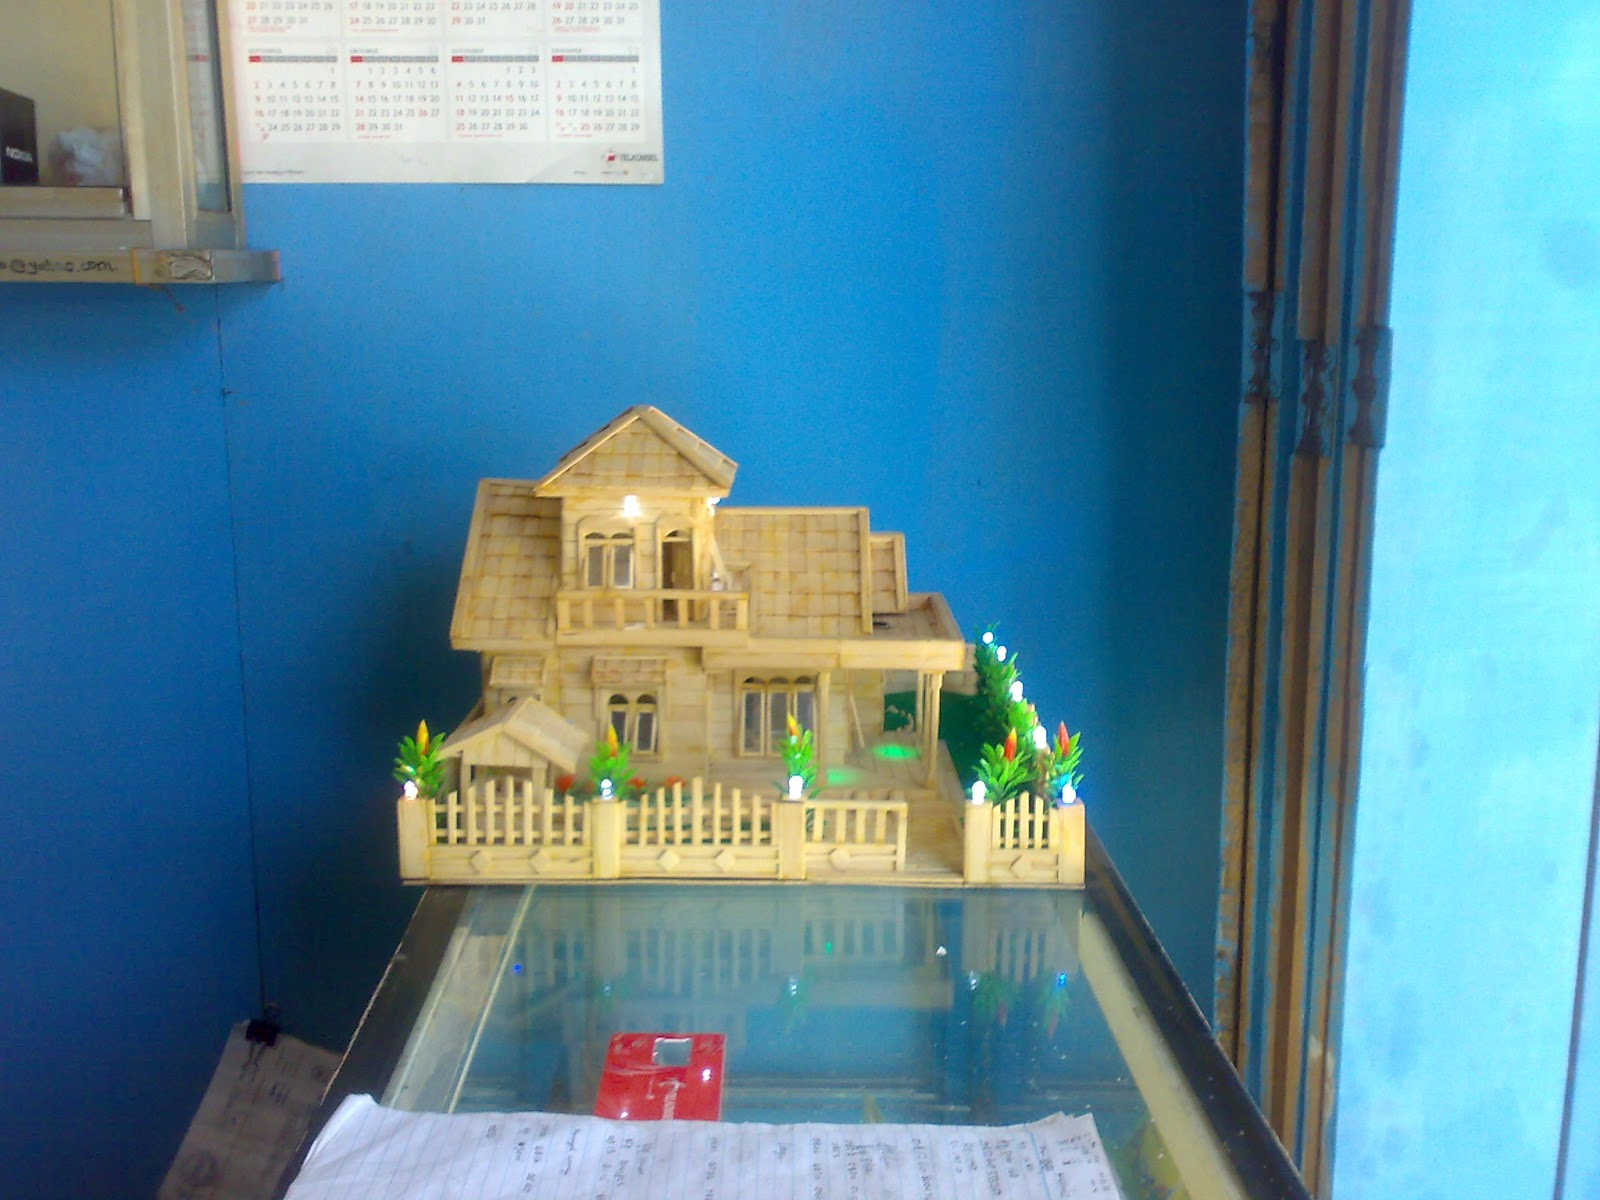 Rumah Dari Stik Es Krim ini di jual dengan Harga Rp. 700.000 Nego